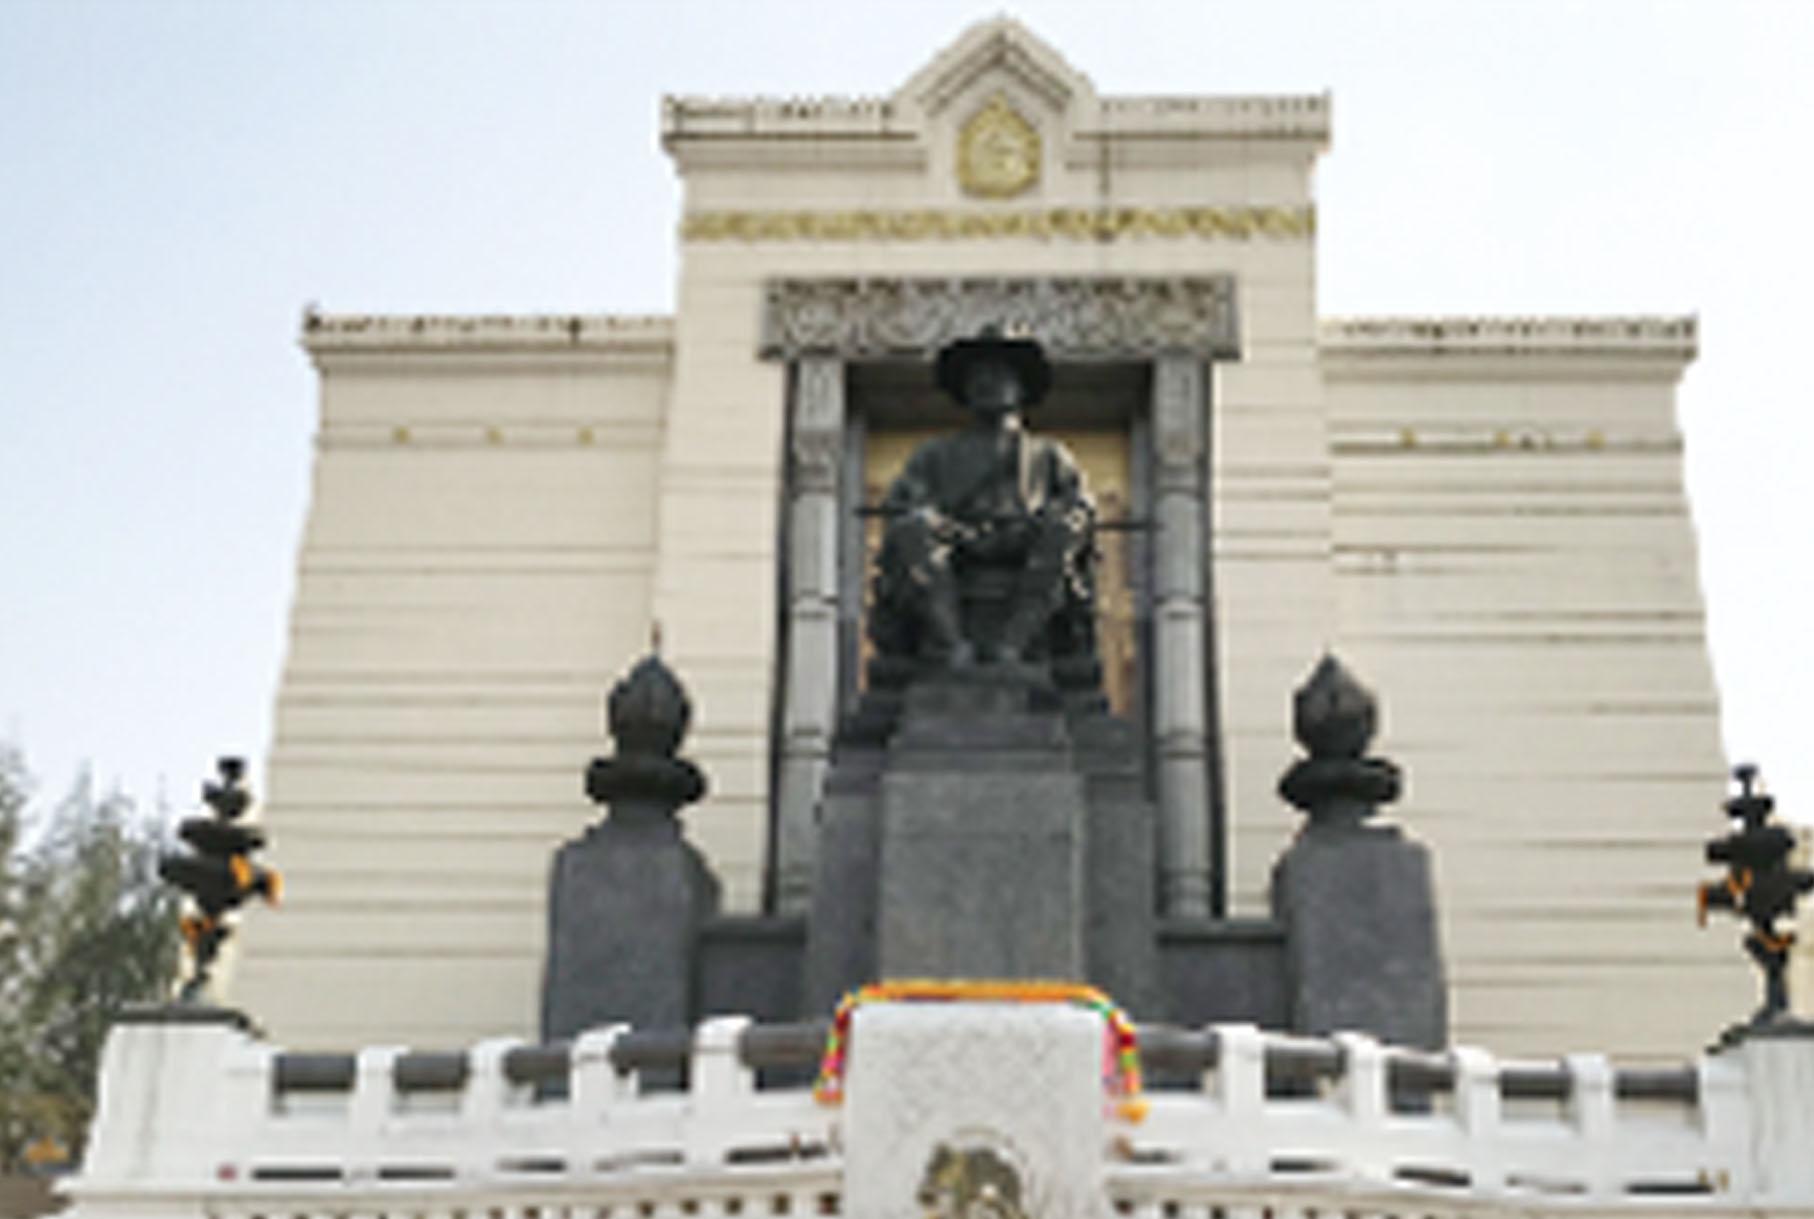 4月6日の祝日は何の記念日? - ワイズデジタル【タイで生活する人のための情報サイト】